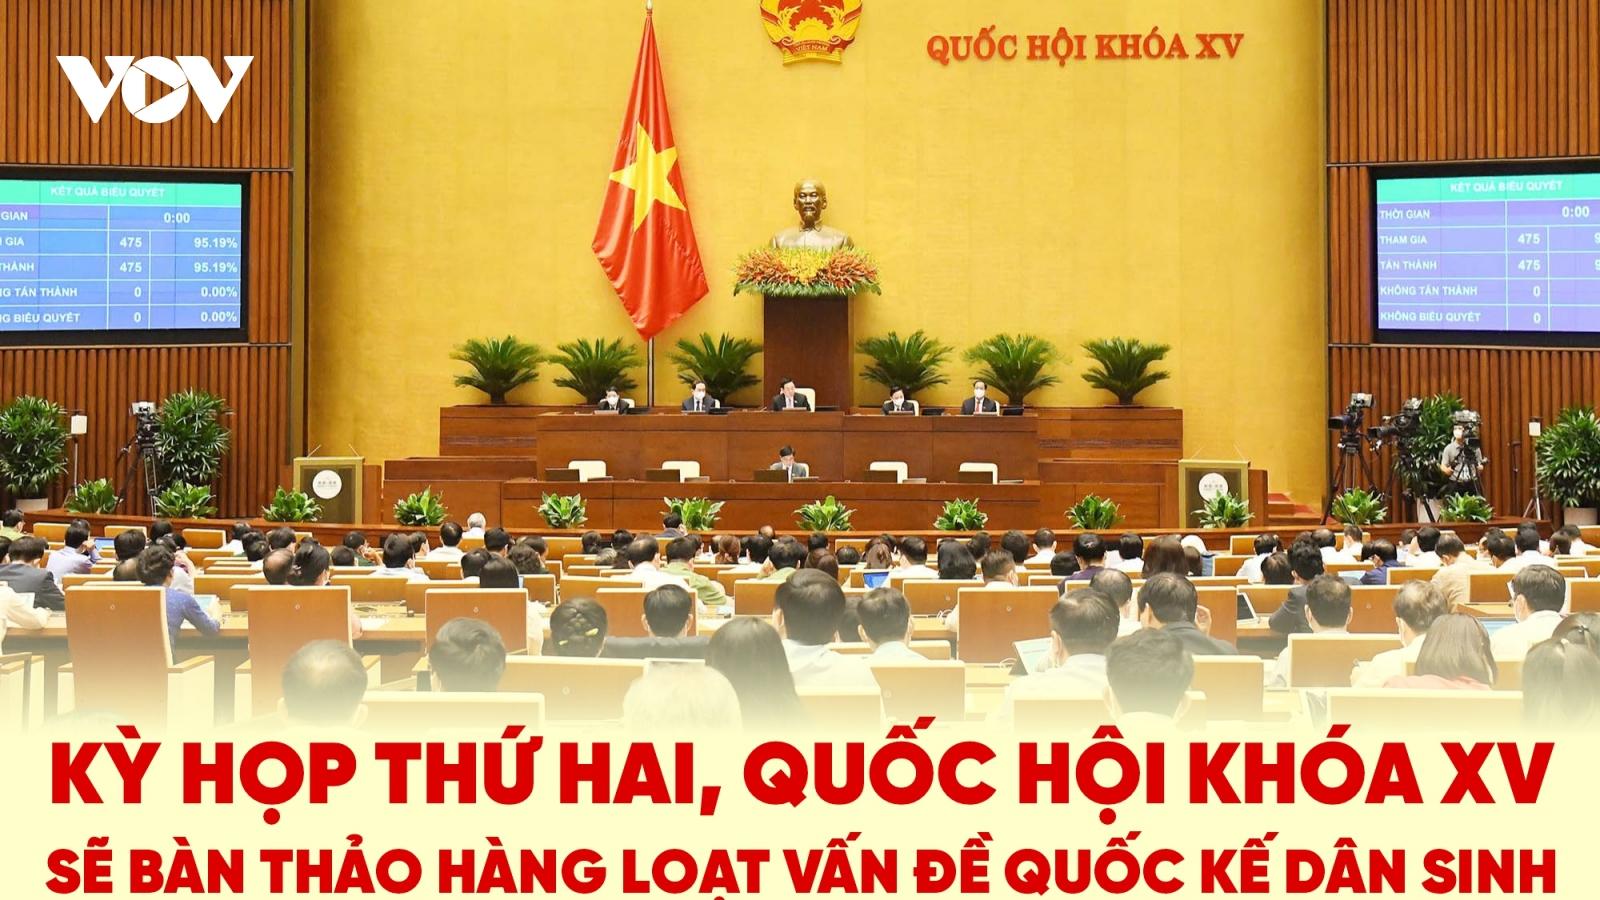 Kỳ họp thứ 2, Quốc hội khóa XV bàn thảo những vấn đề gì?